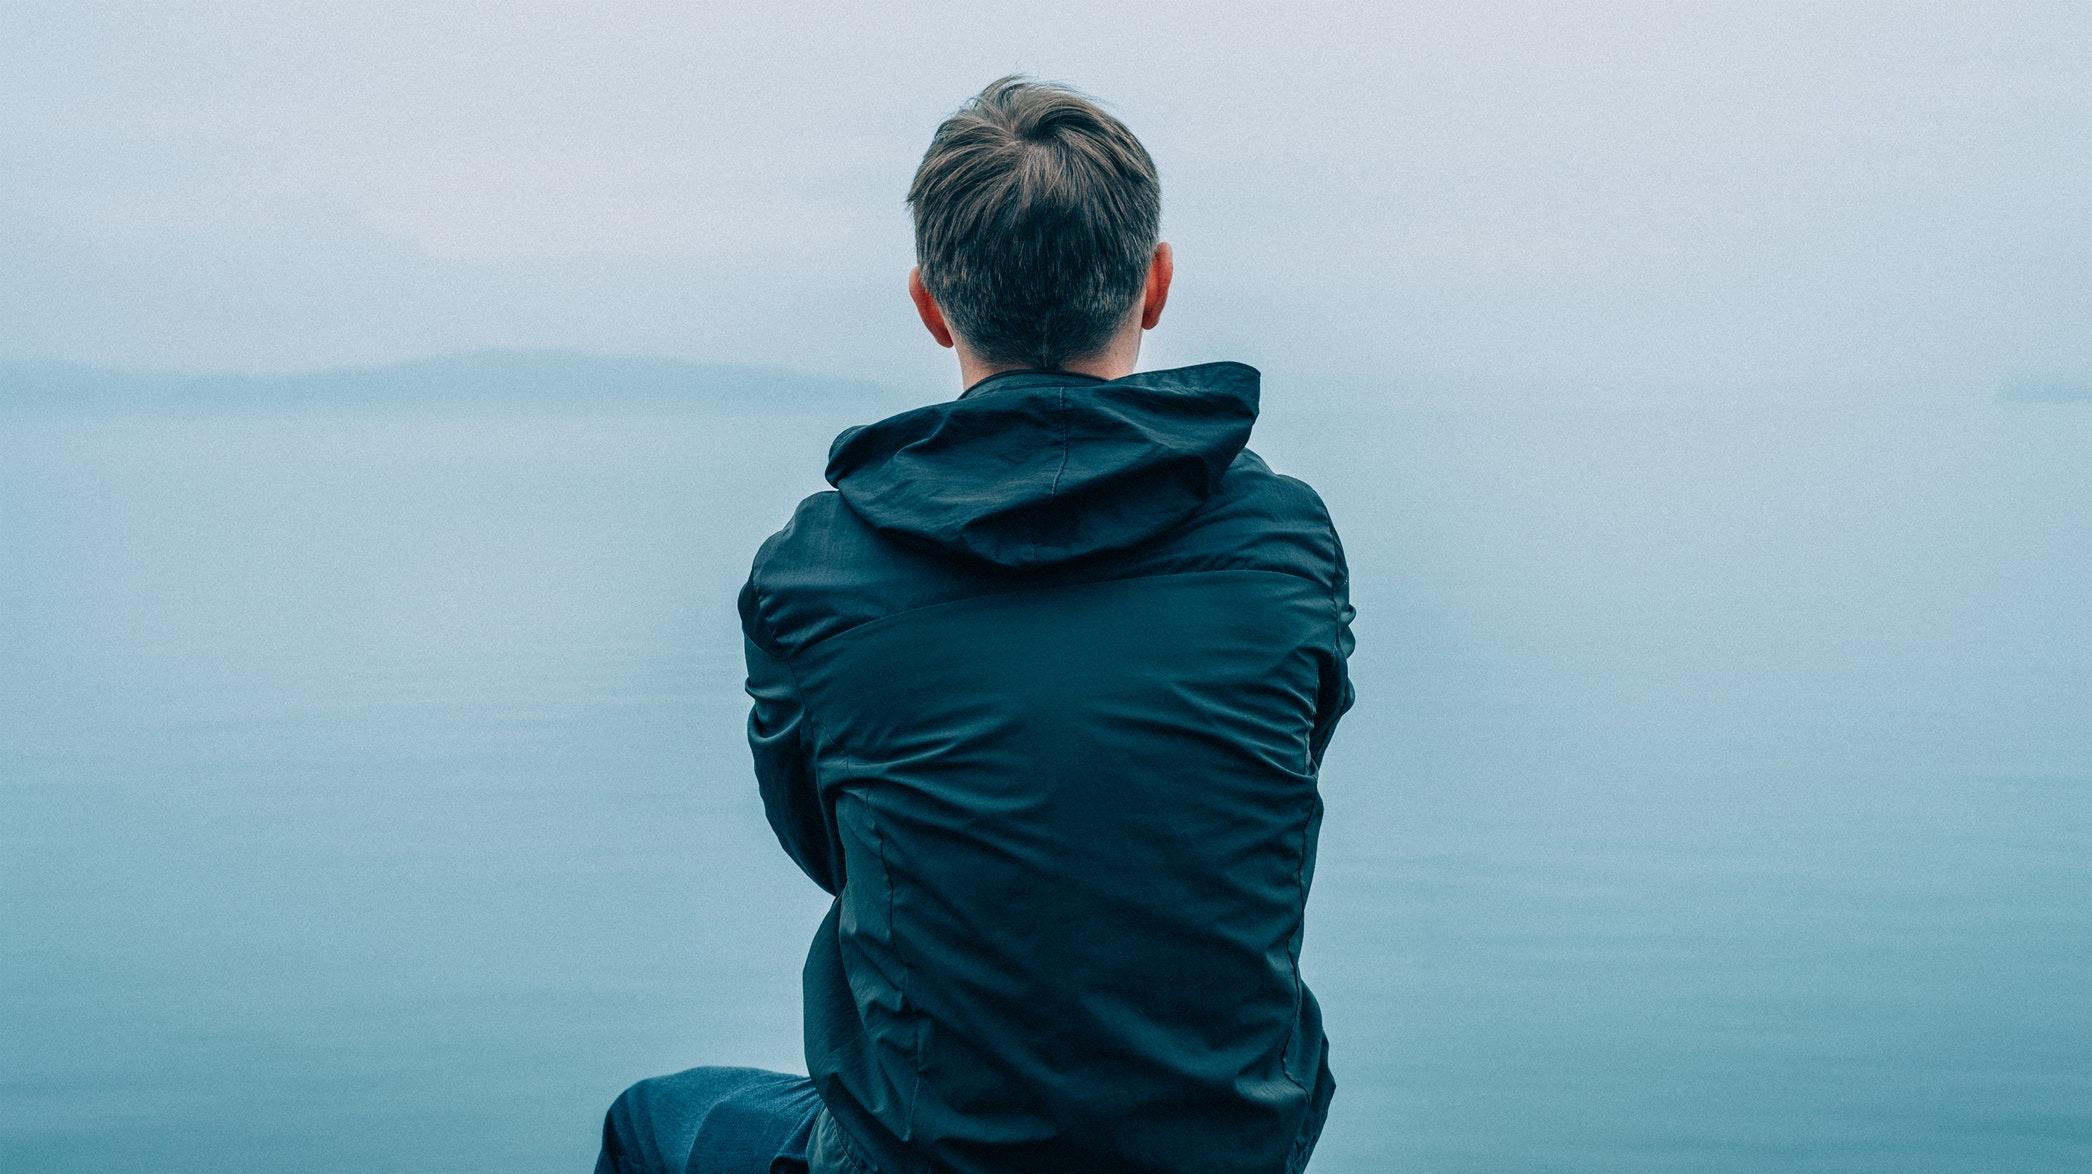 Si bien se ha escrito mucho sobre el habla humana y la distinción que otorga a nuestra especie, se ha prestado mucha menos atención a la capacidad humana de escuchar.